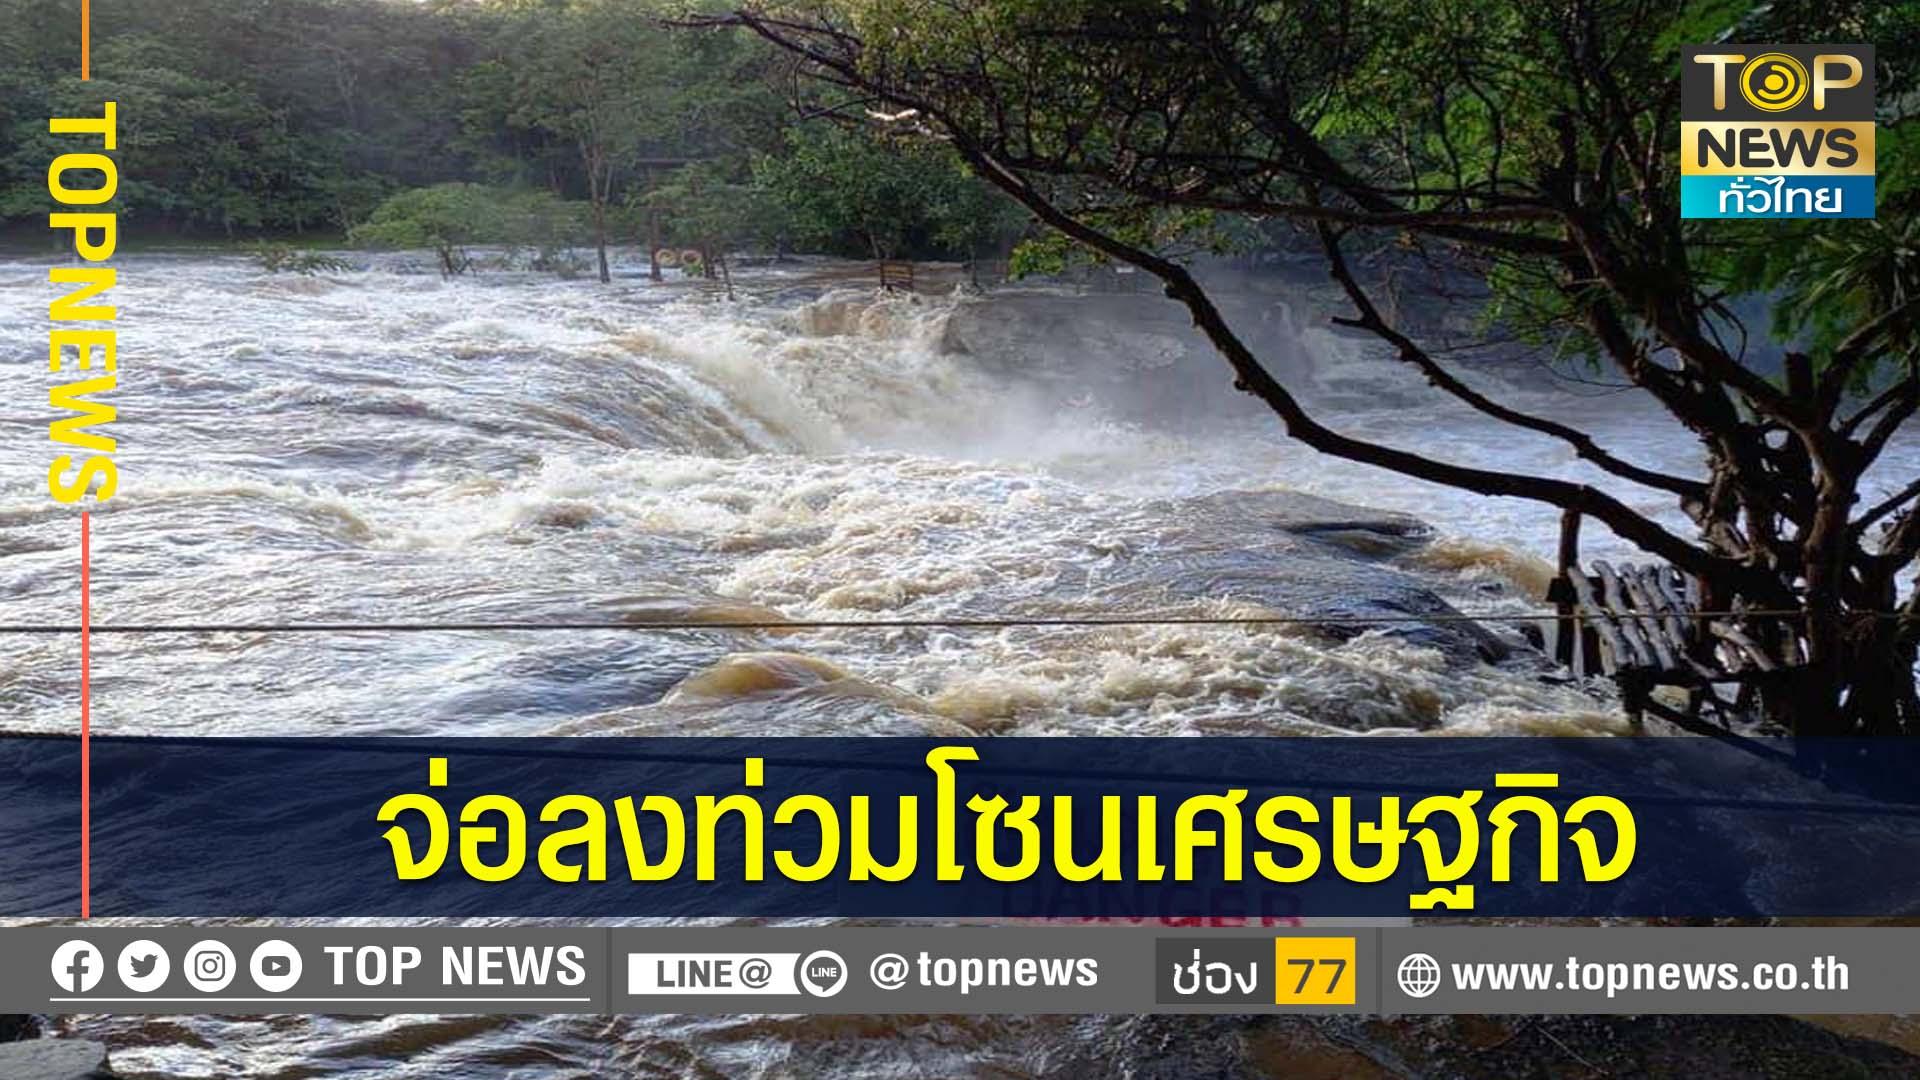 พายุฝนถล่มชัยภูมิ เกิดน้ำป่าไหลหลากตัดถนนขาด ลงสู่น้ำตกตาดโตน จนท.สั่งห้ามเล่น